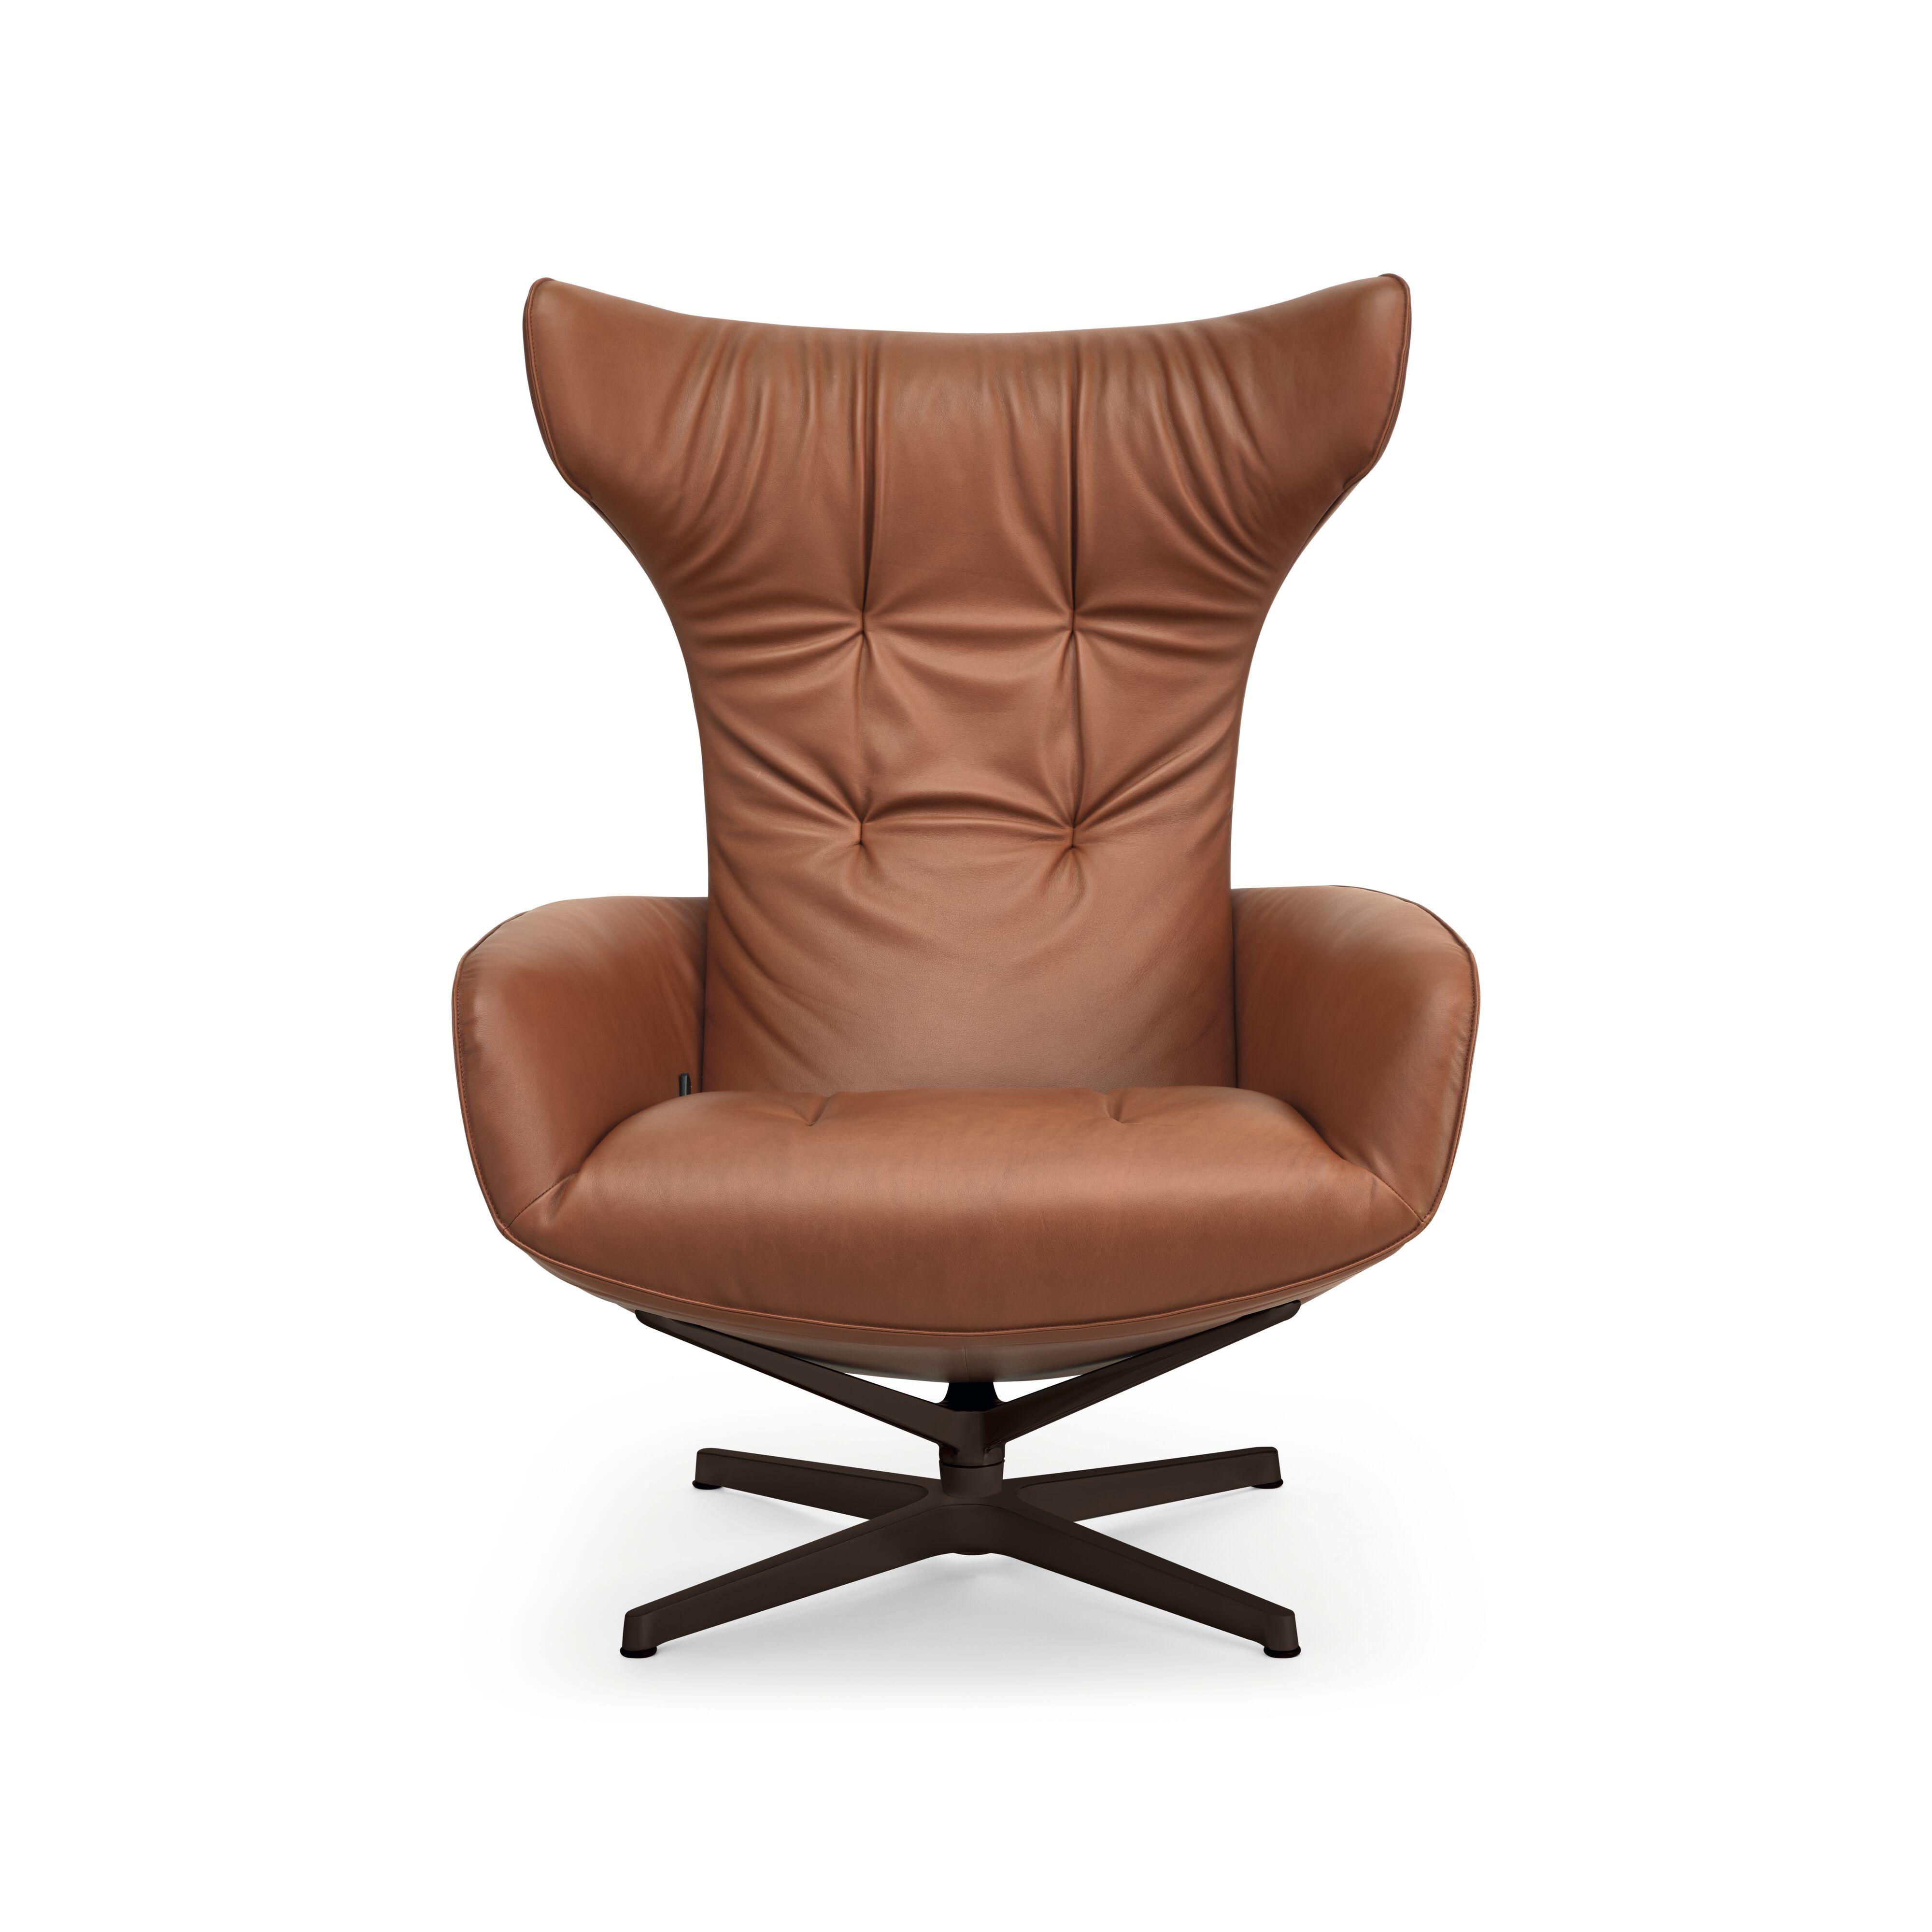 01-WK-Onsa Chair-matt-pulverbeschichtet, bronze-0009-H.tif